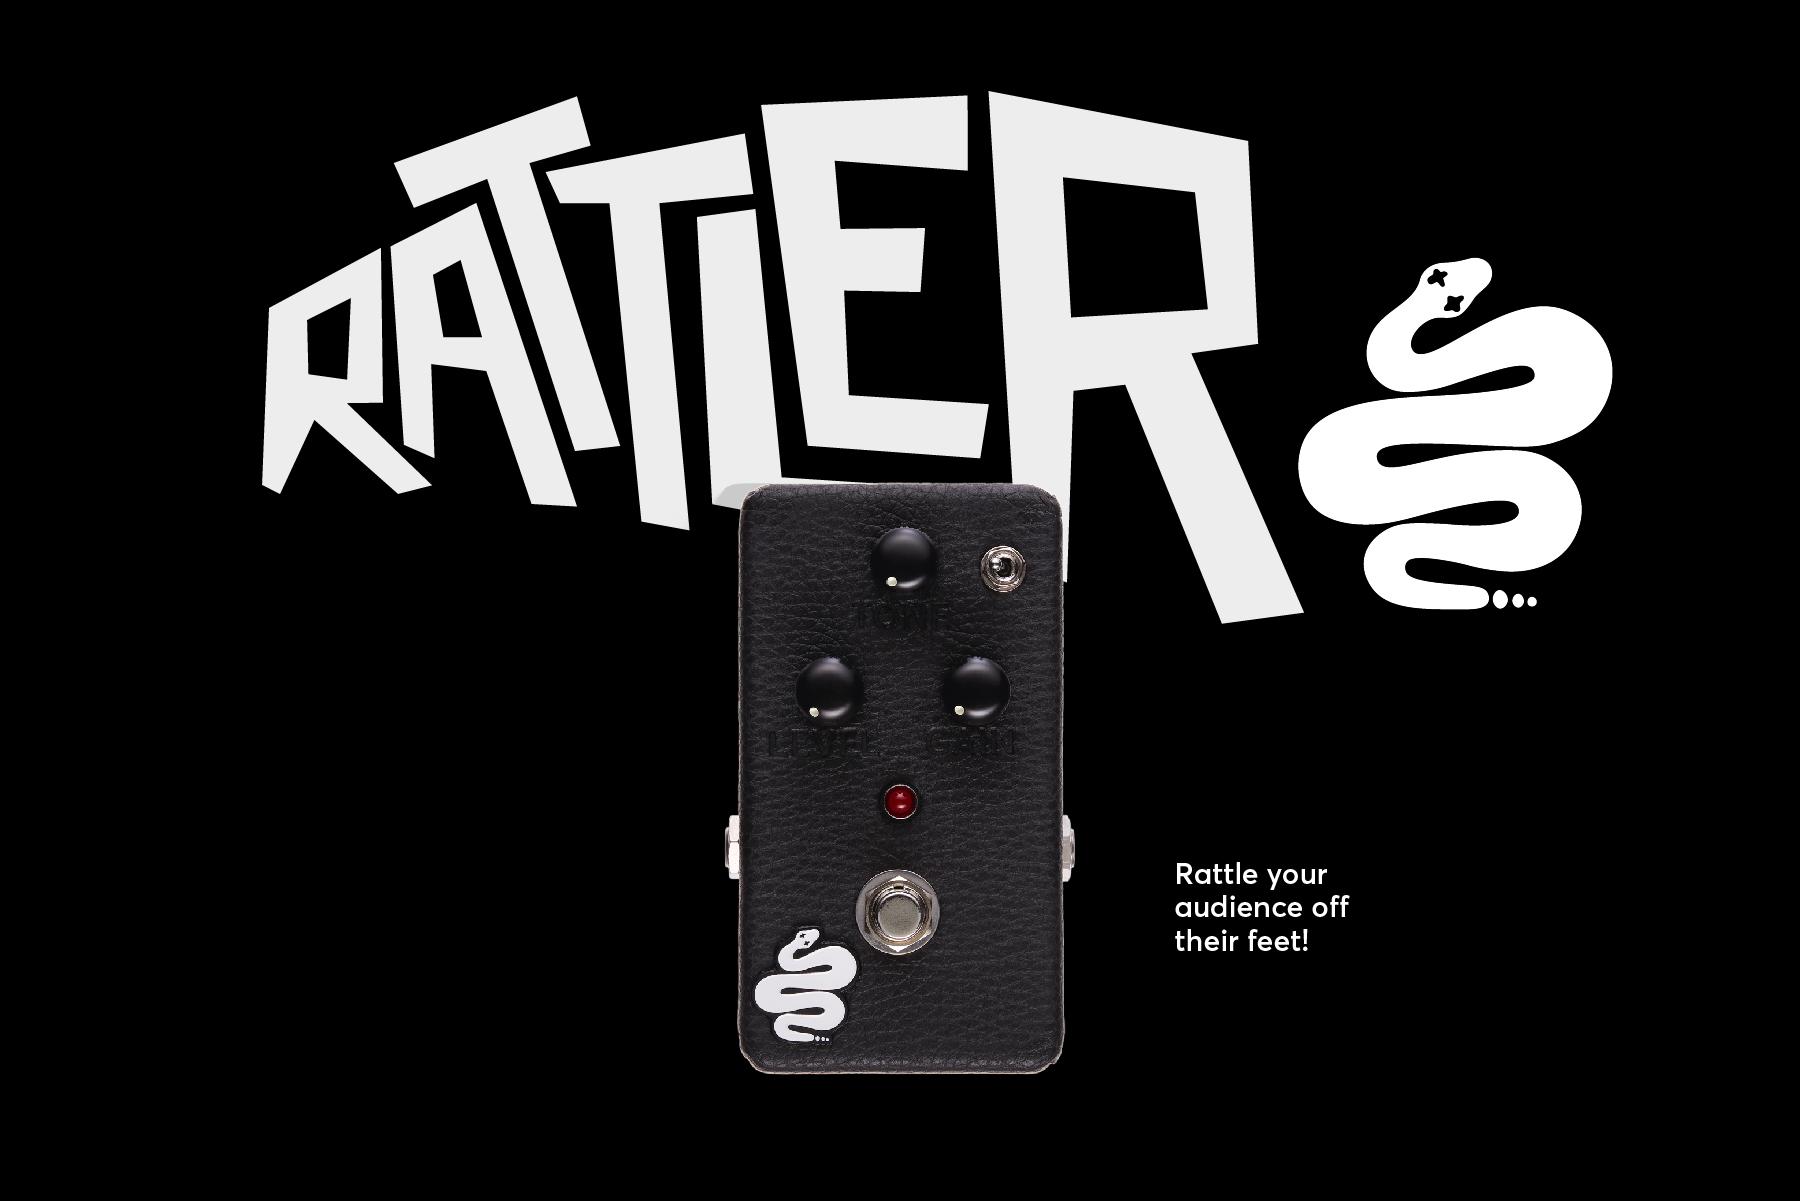 Rattler ltd